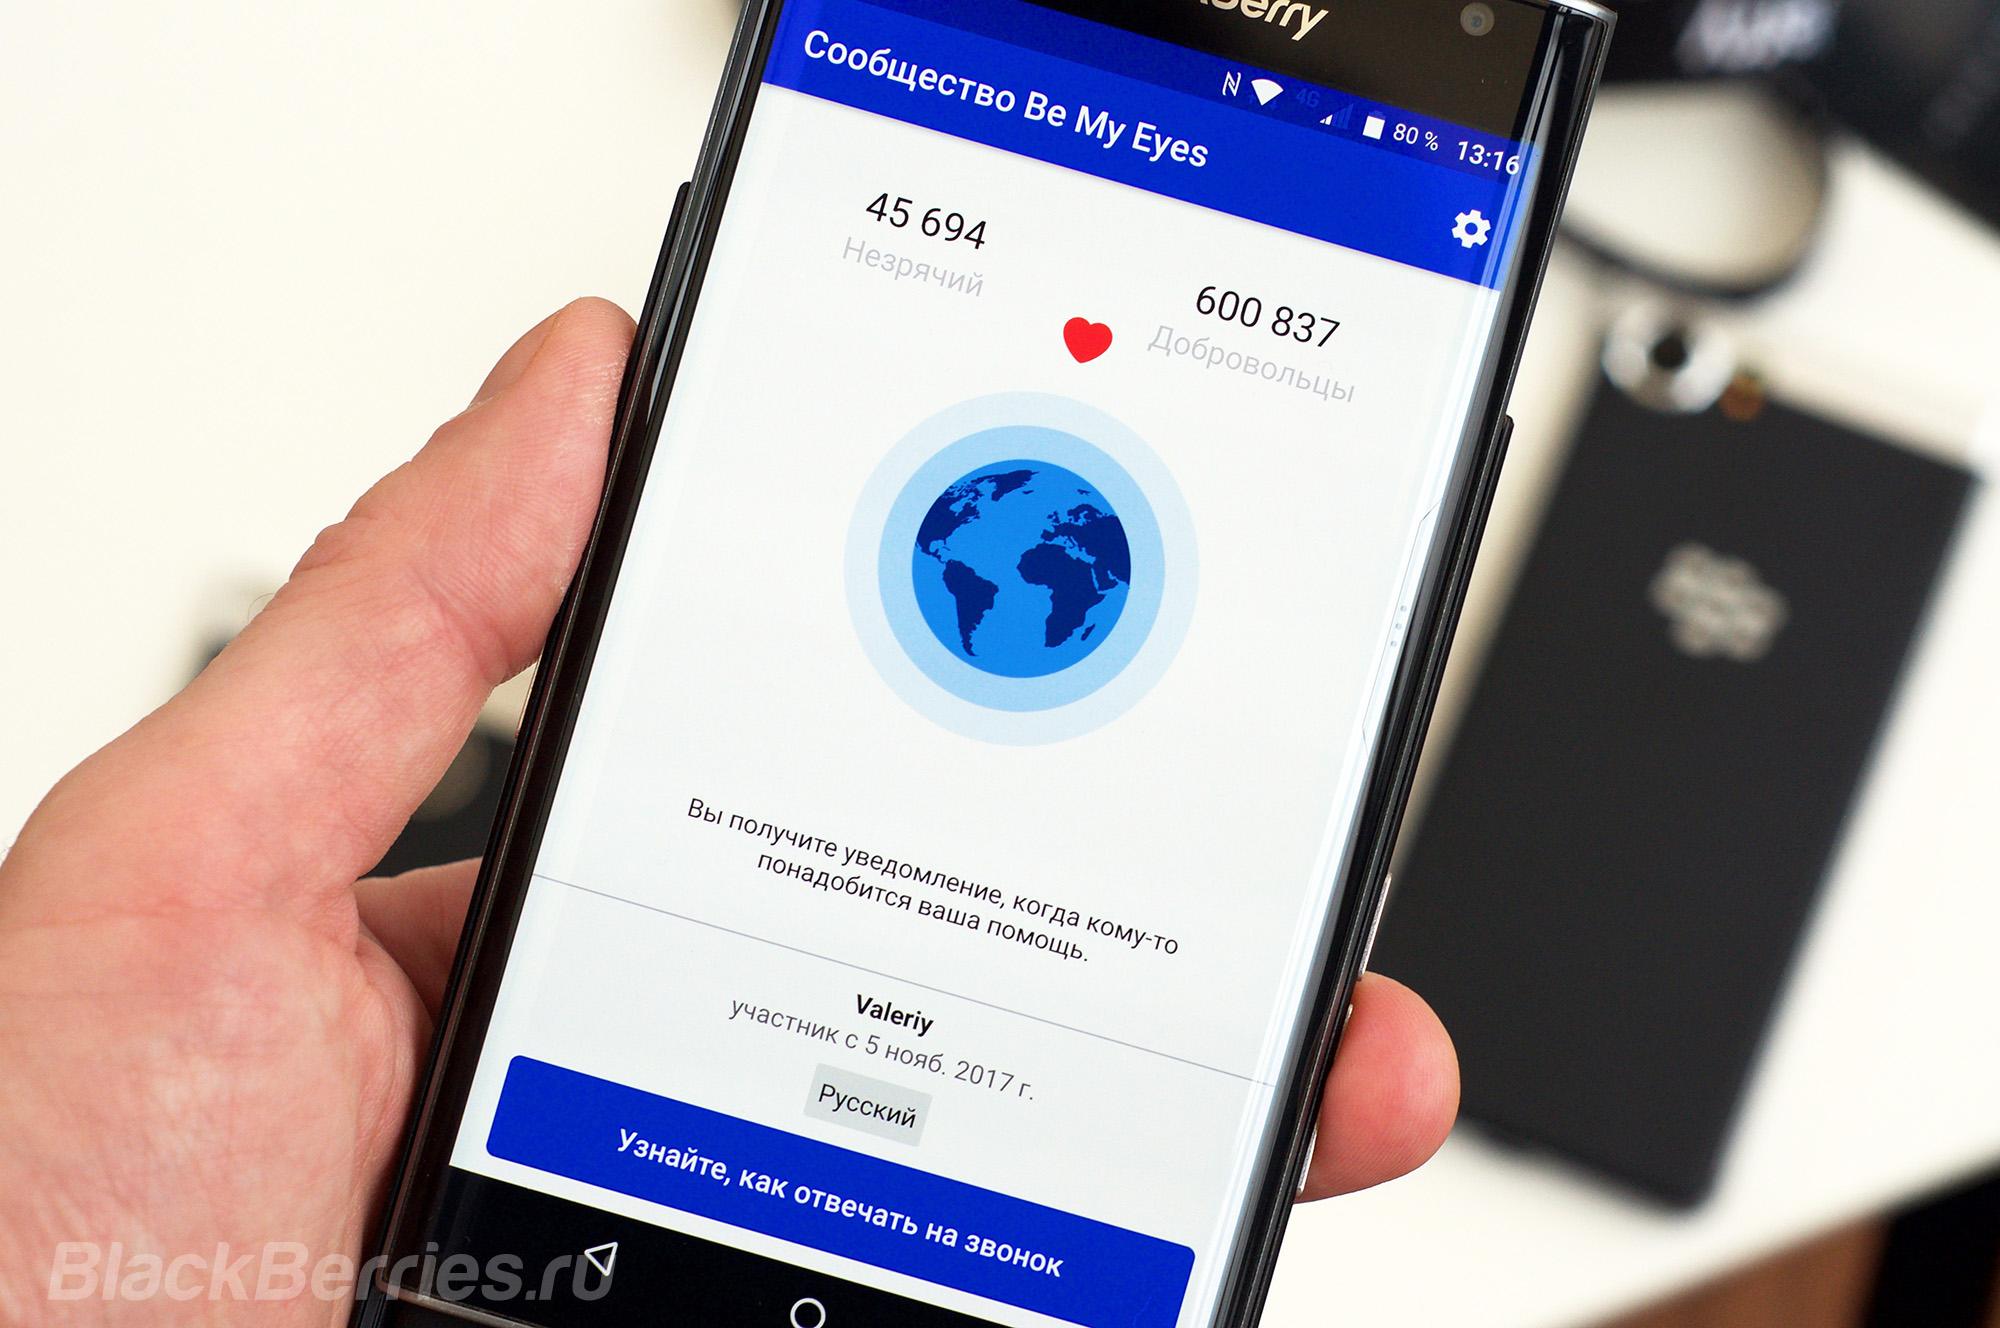 Приложения для андроид для слепых скачать